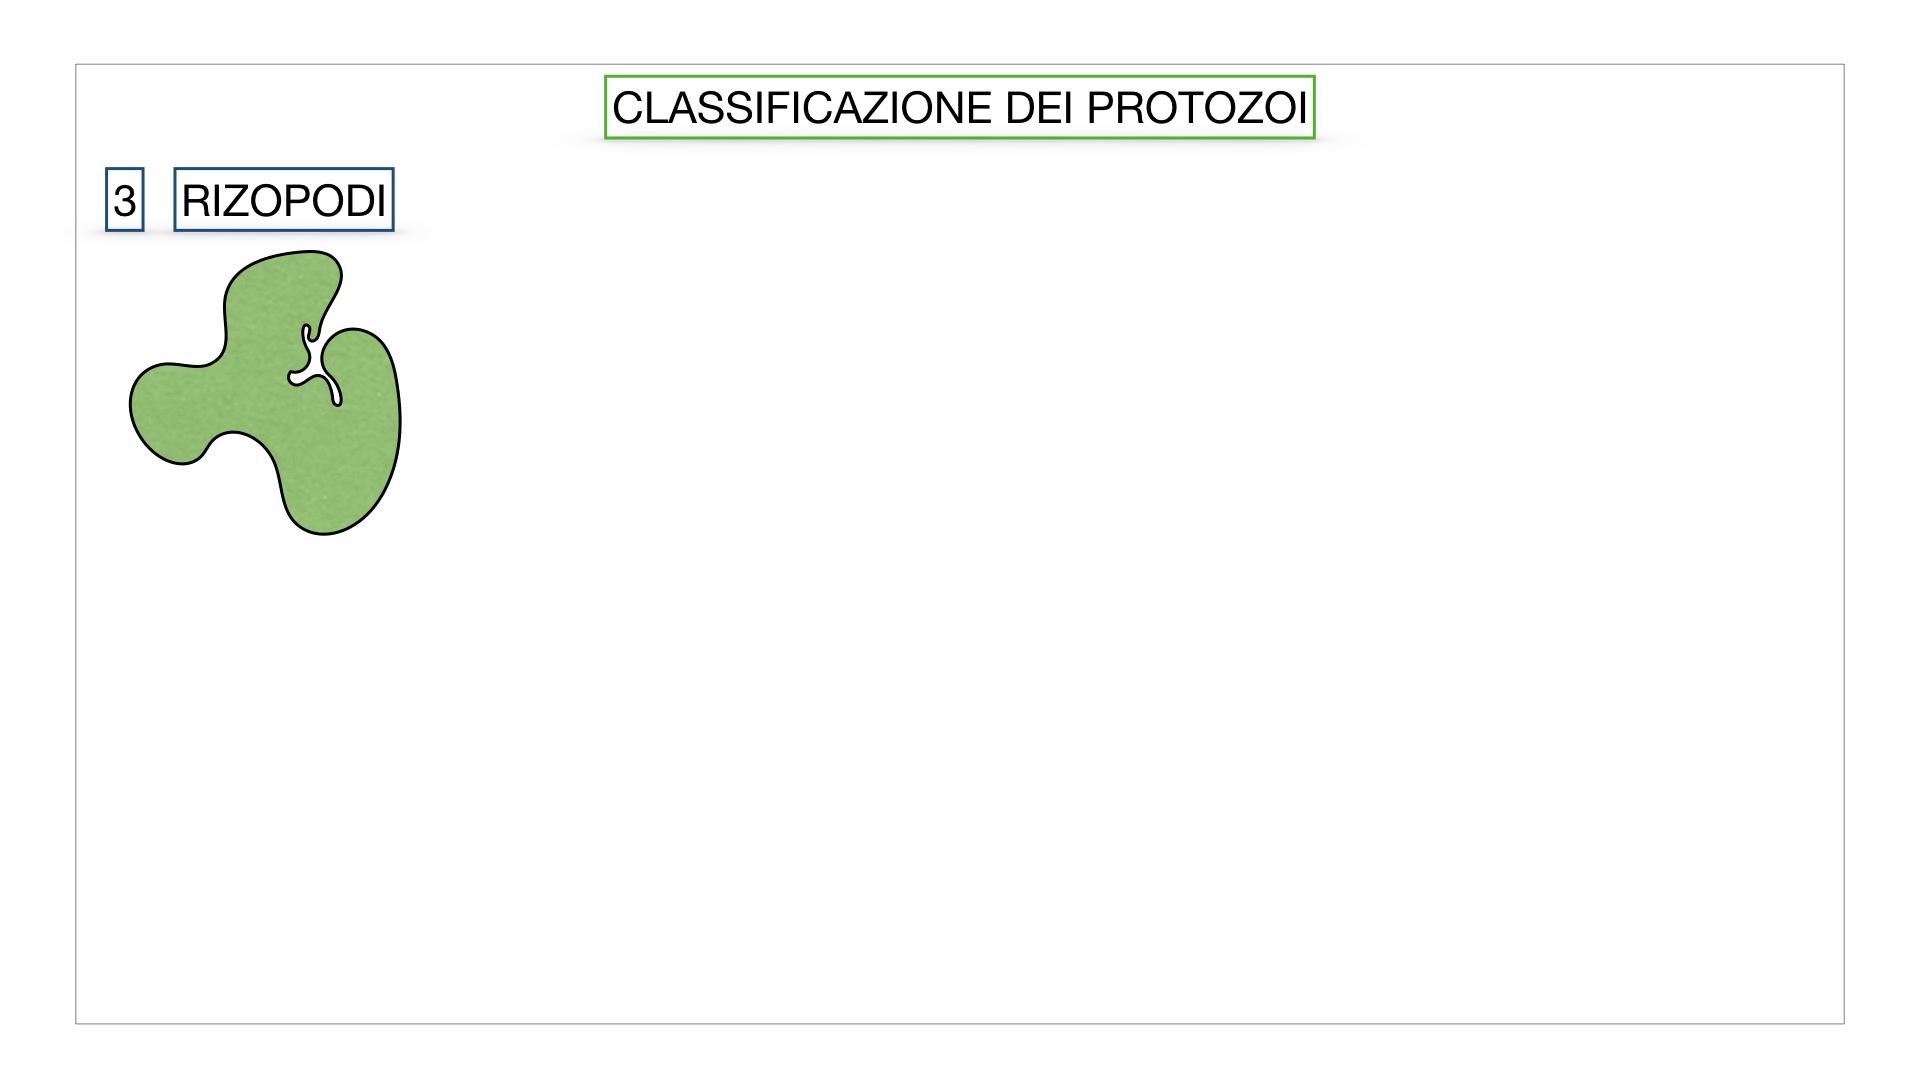 6. PROTOZOI_classificazione_SIMULAZIONE.028